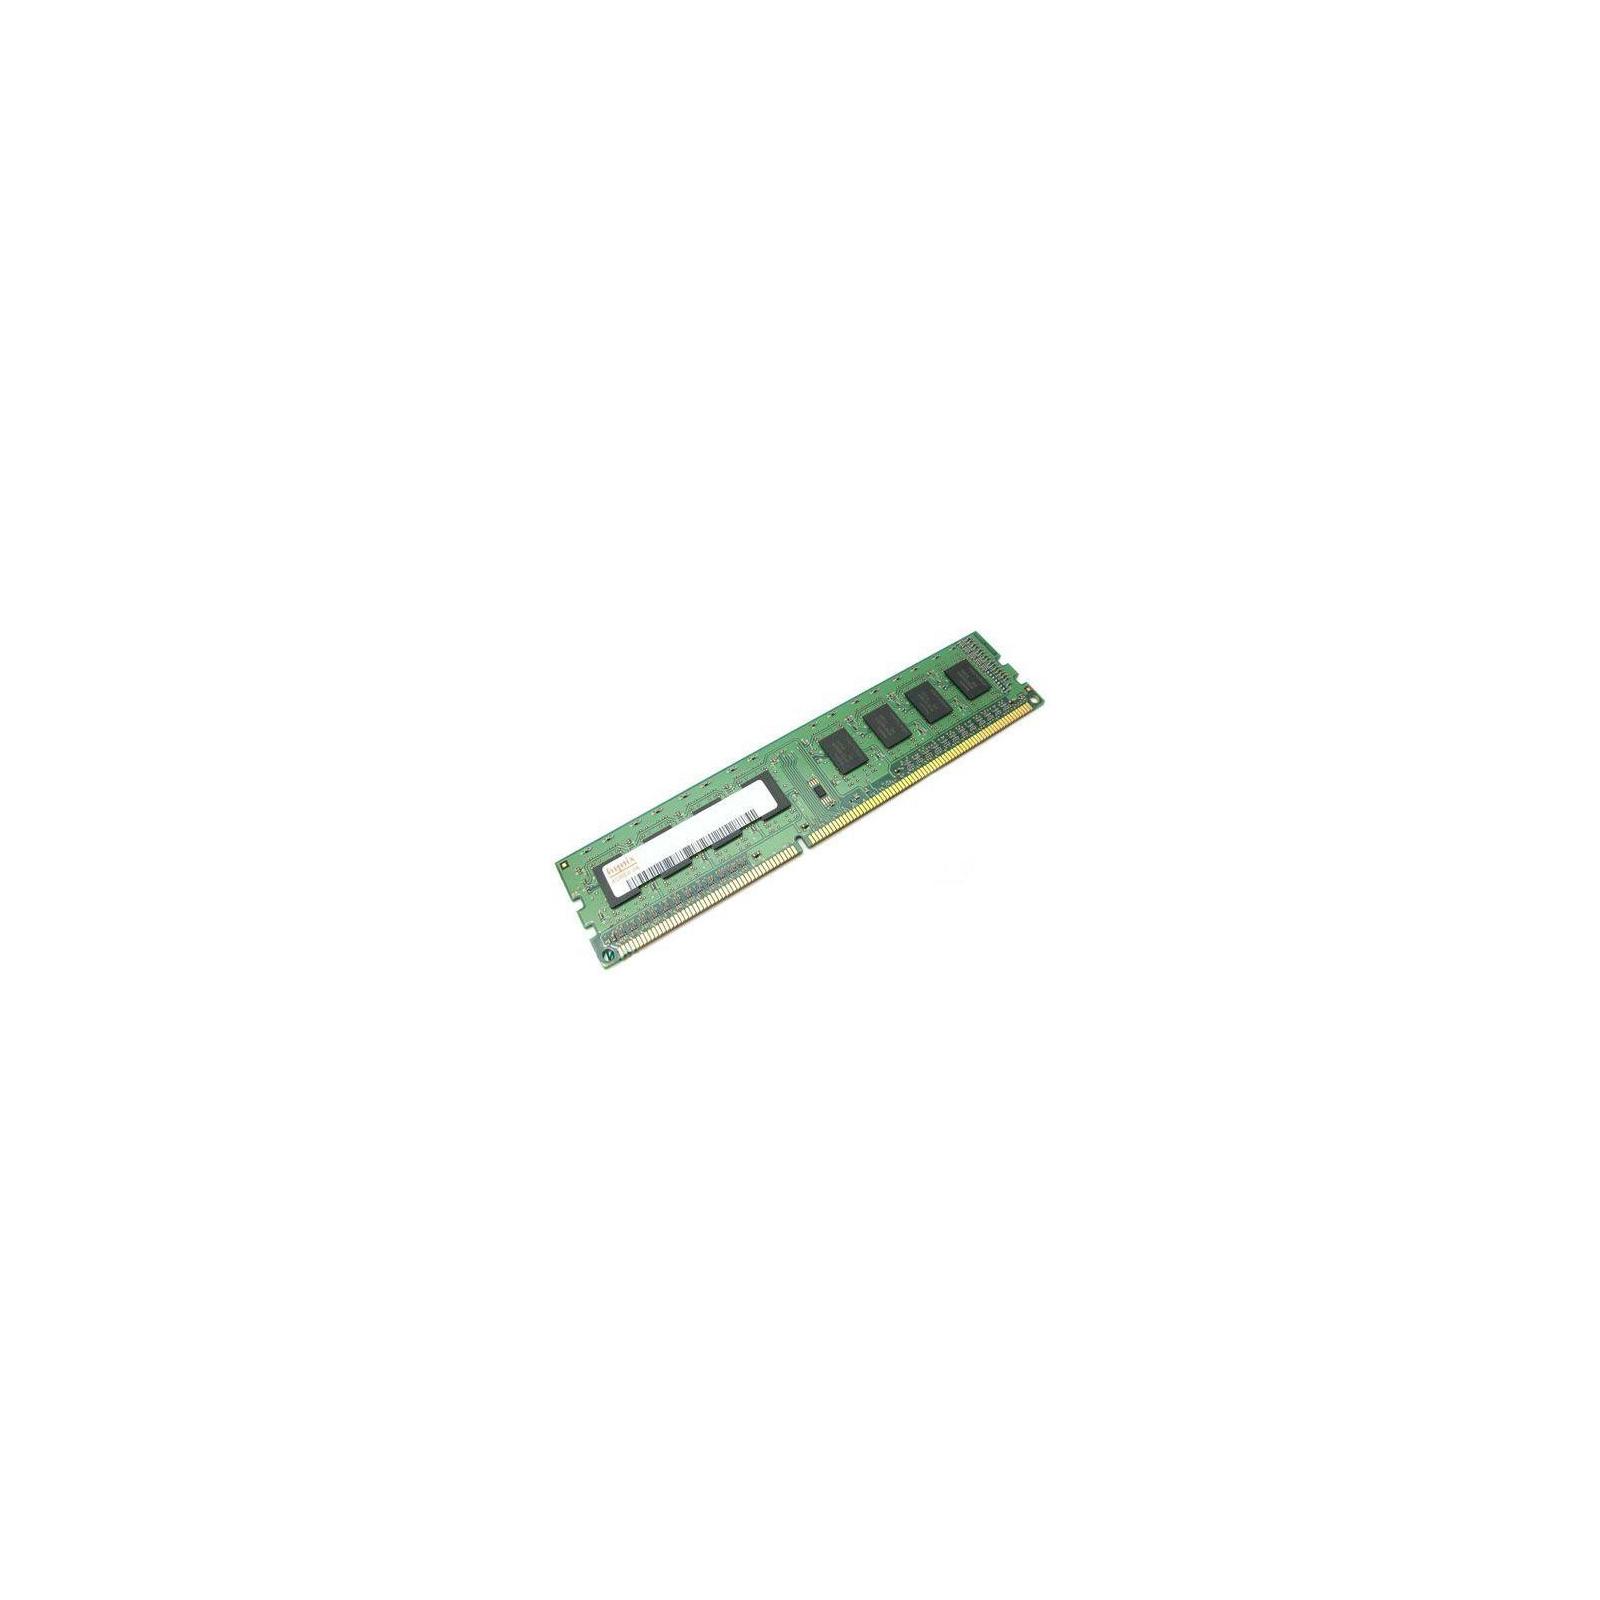 Модуль памяти для компьютера DDR3 2GB 1333 MHz Hynix (HMT125U7TFR8C-H9)